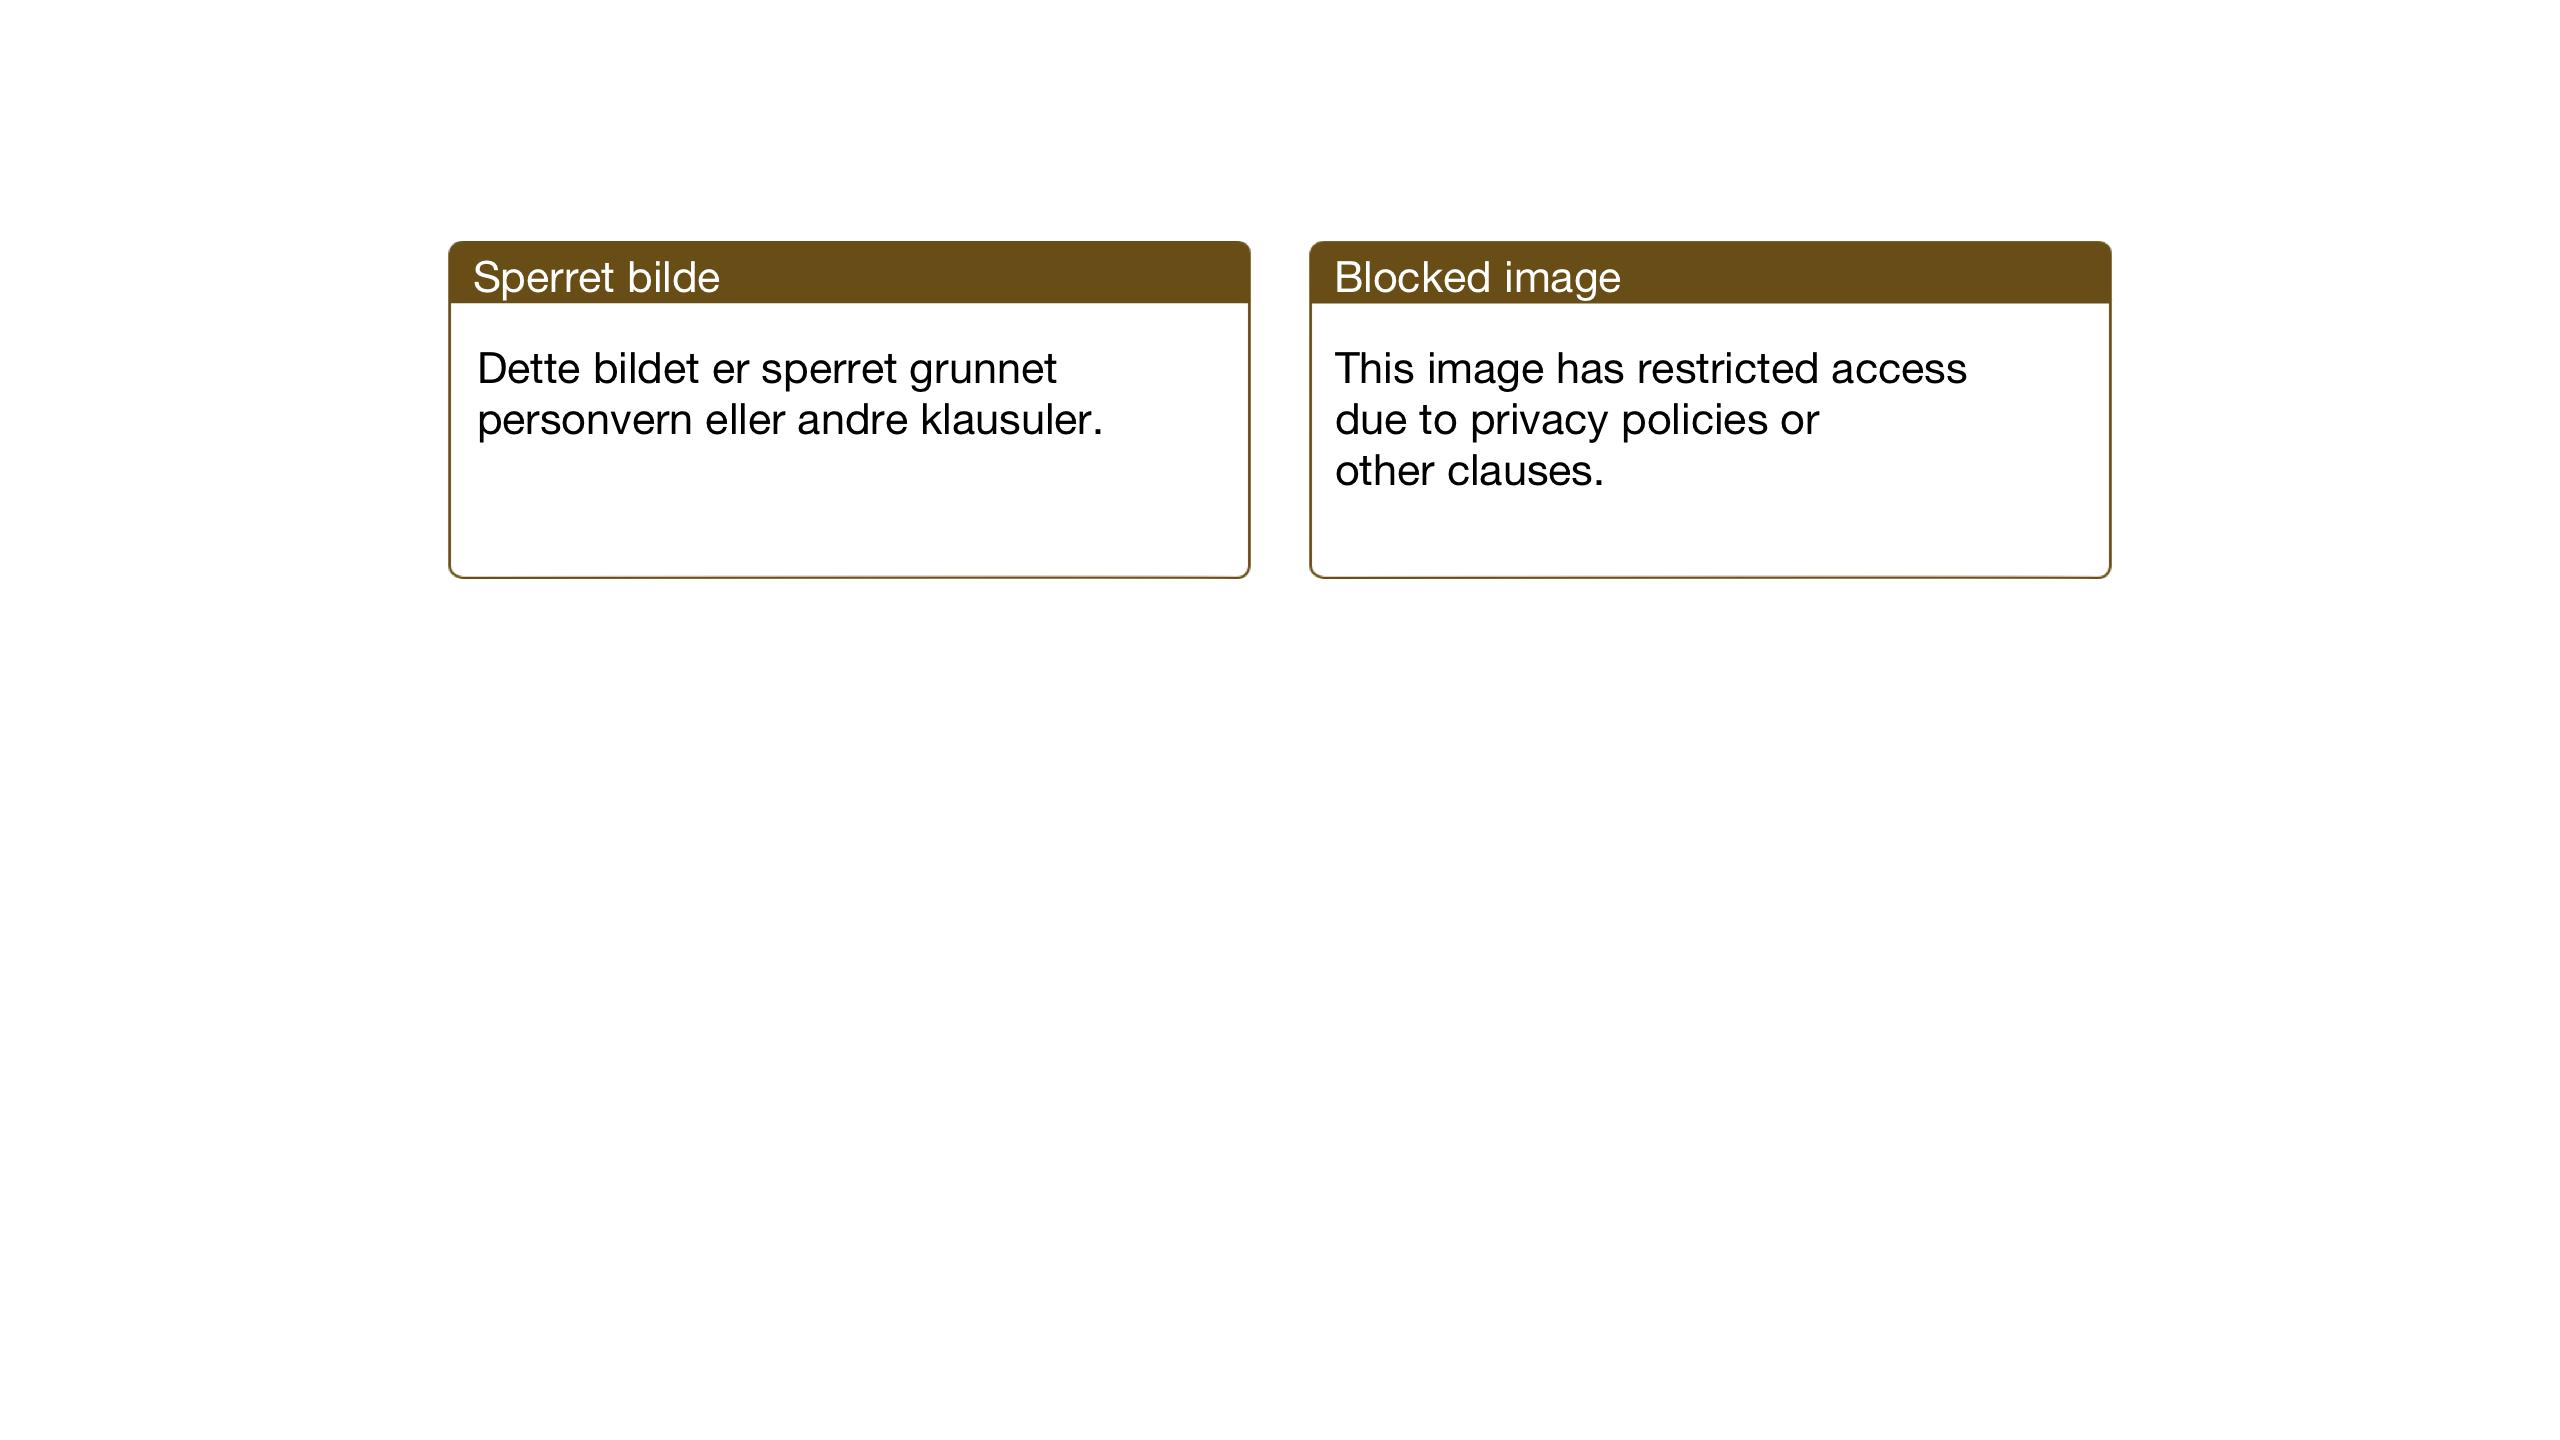 SAT, Ministerialprotokoller, klokkerbøker og fødselsregistre - Nord-Trøndelag, 773/L0625: Klokkerbok nr. 773C01, 1910-1952, s. 79